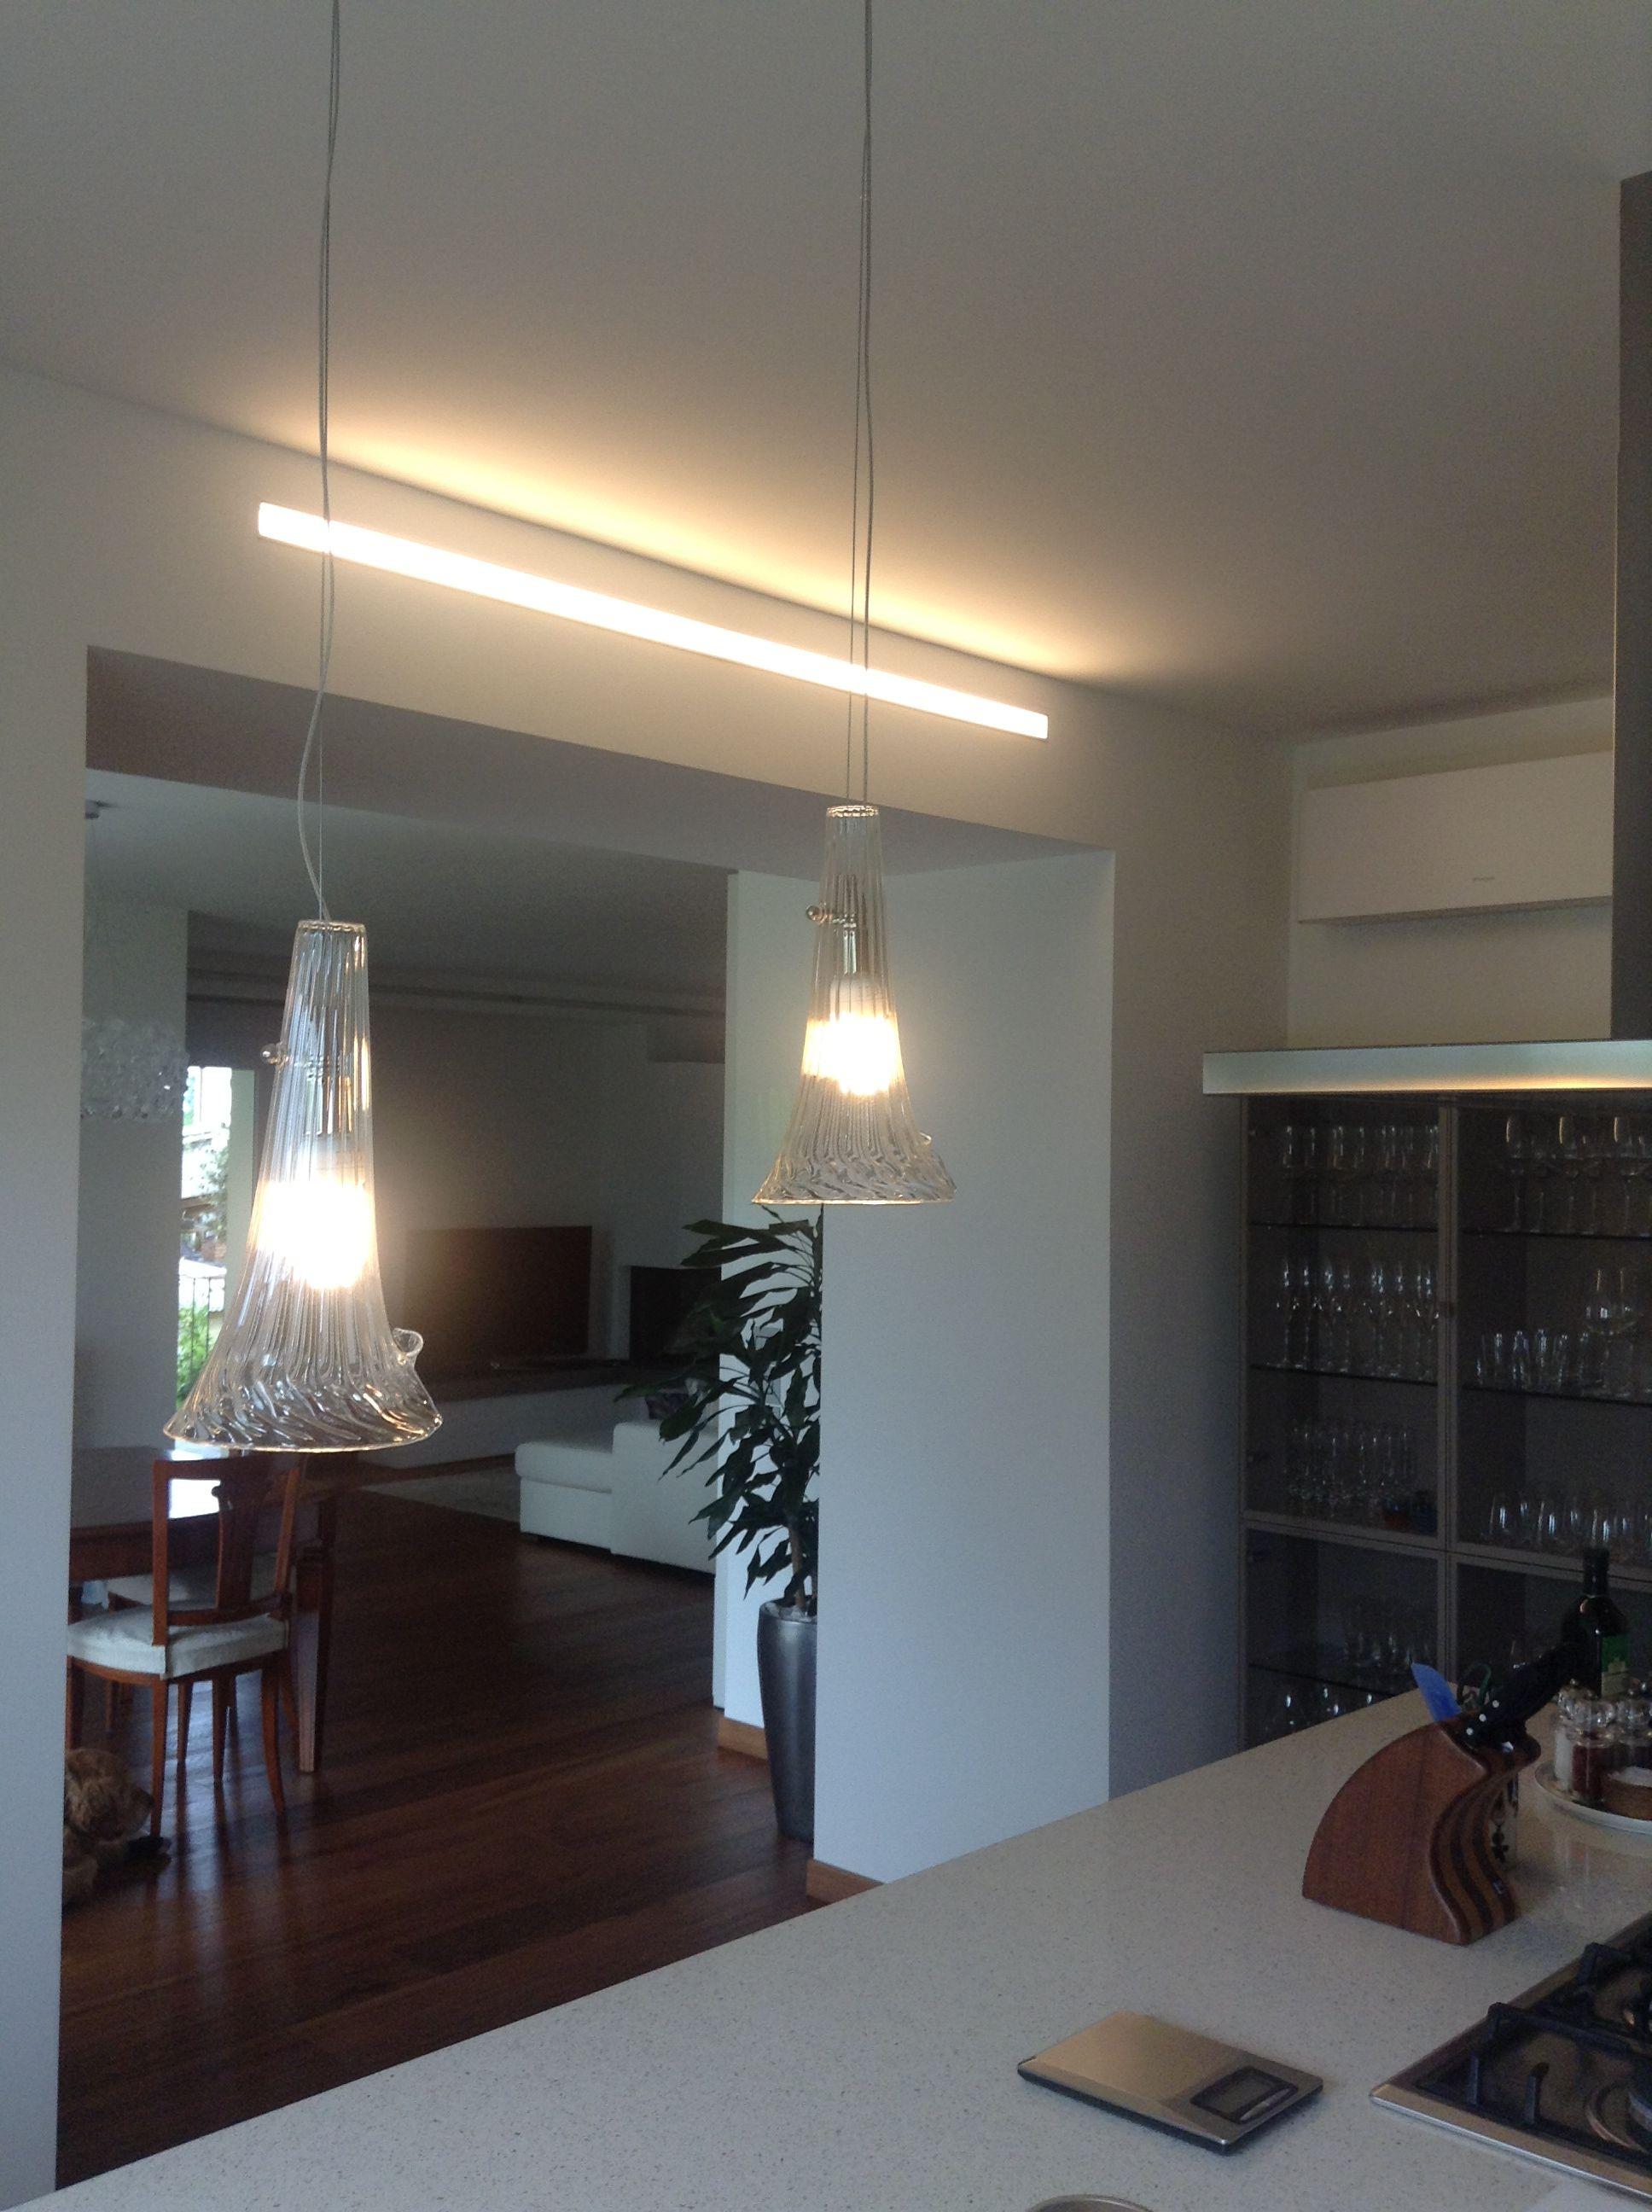 Abitazione privata #illuminazione #cucina #tagli #luce #LED #Ligting ...